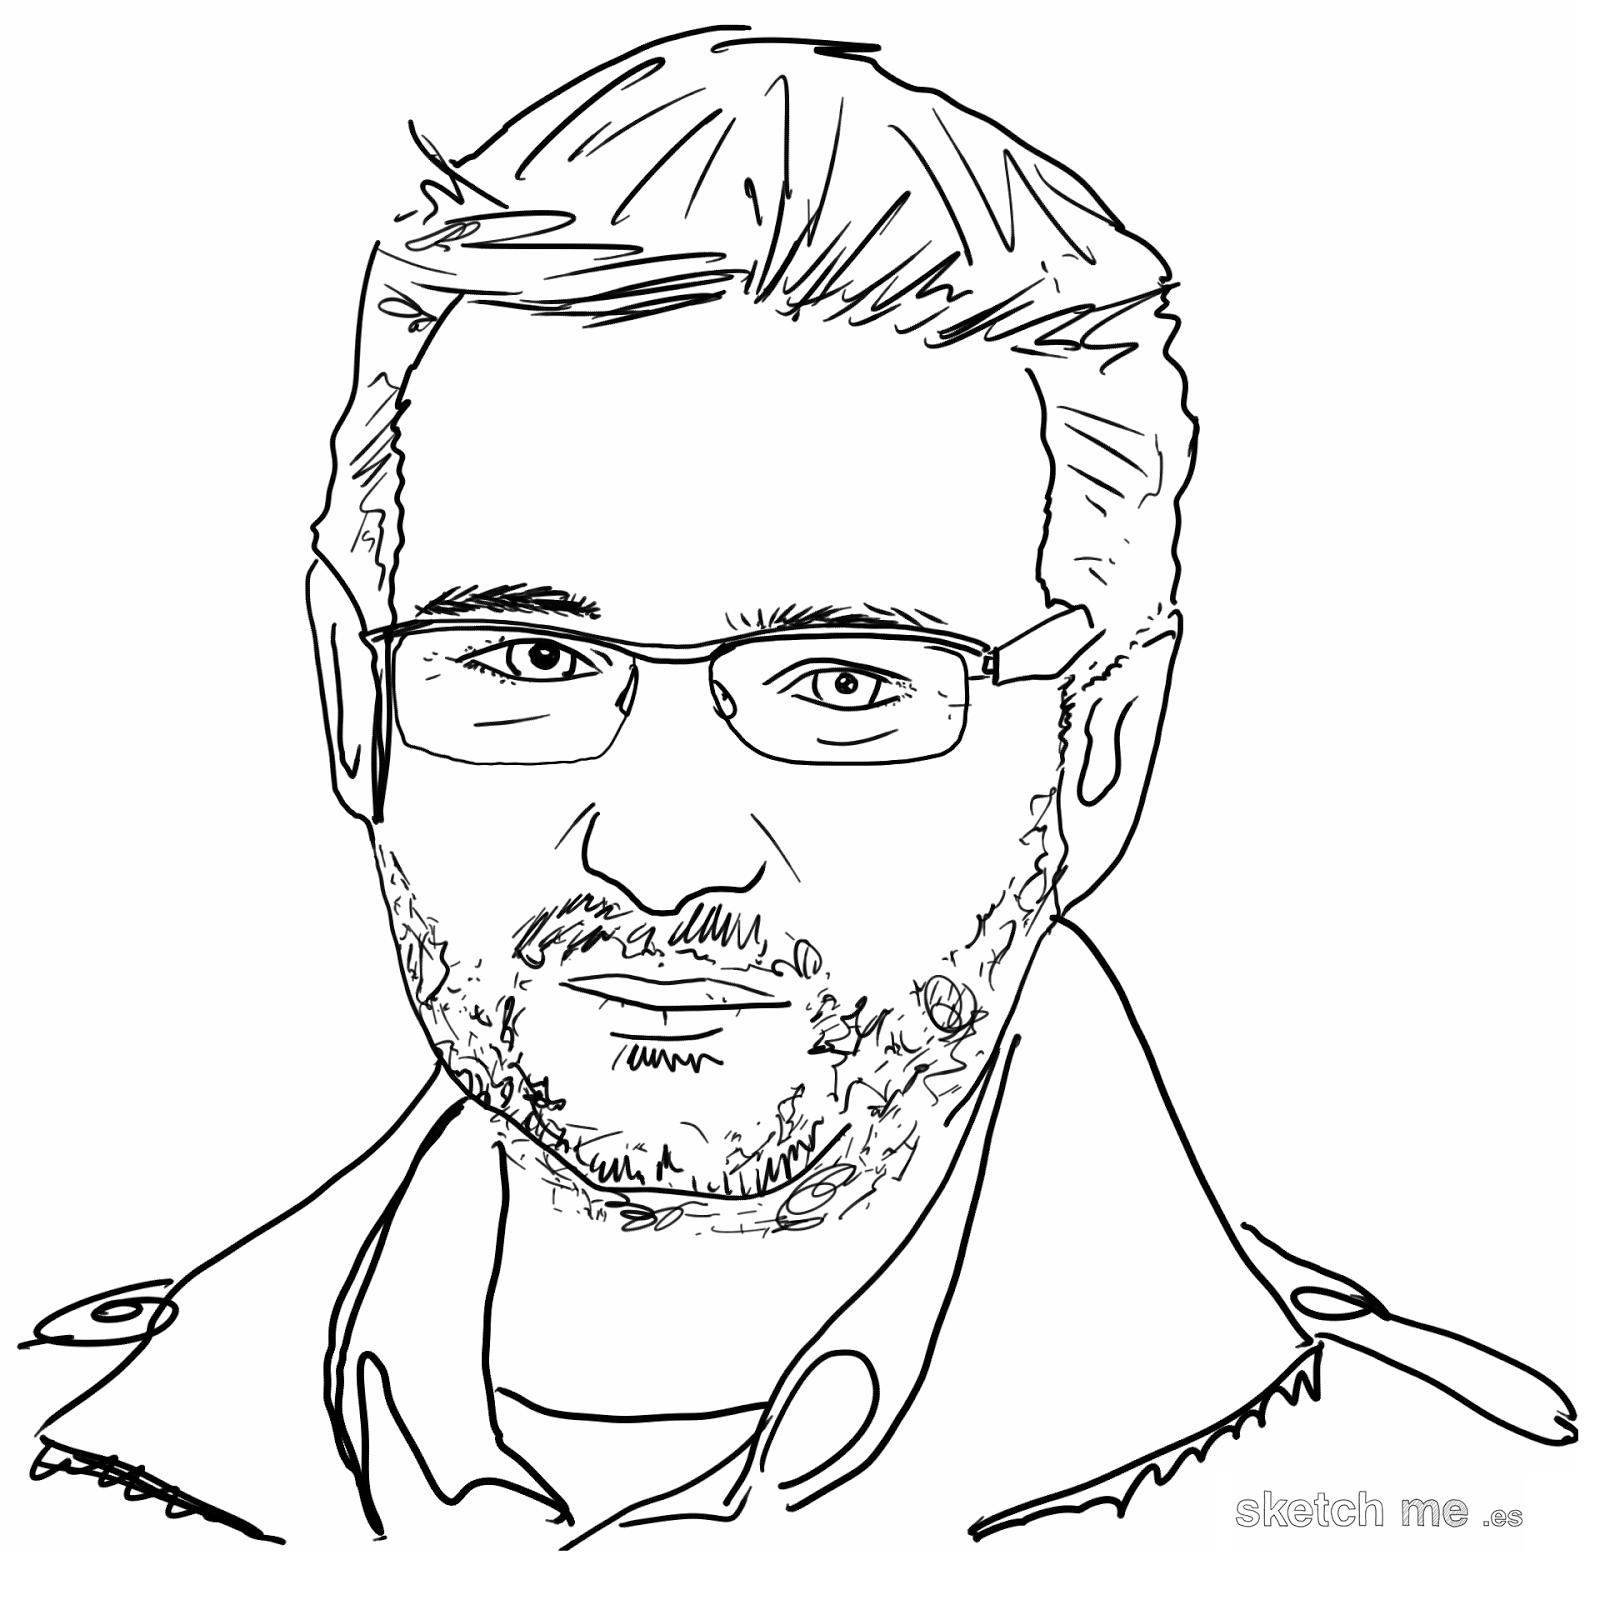 jordi-evole-sketch-me-retratos-personalizados-dibujados-a-mano-para-facebook-twitter-whatsapp